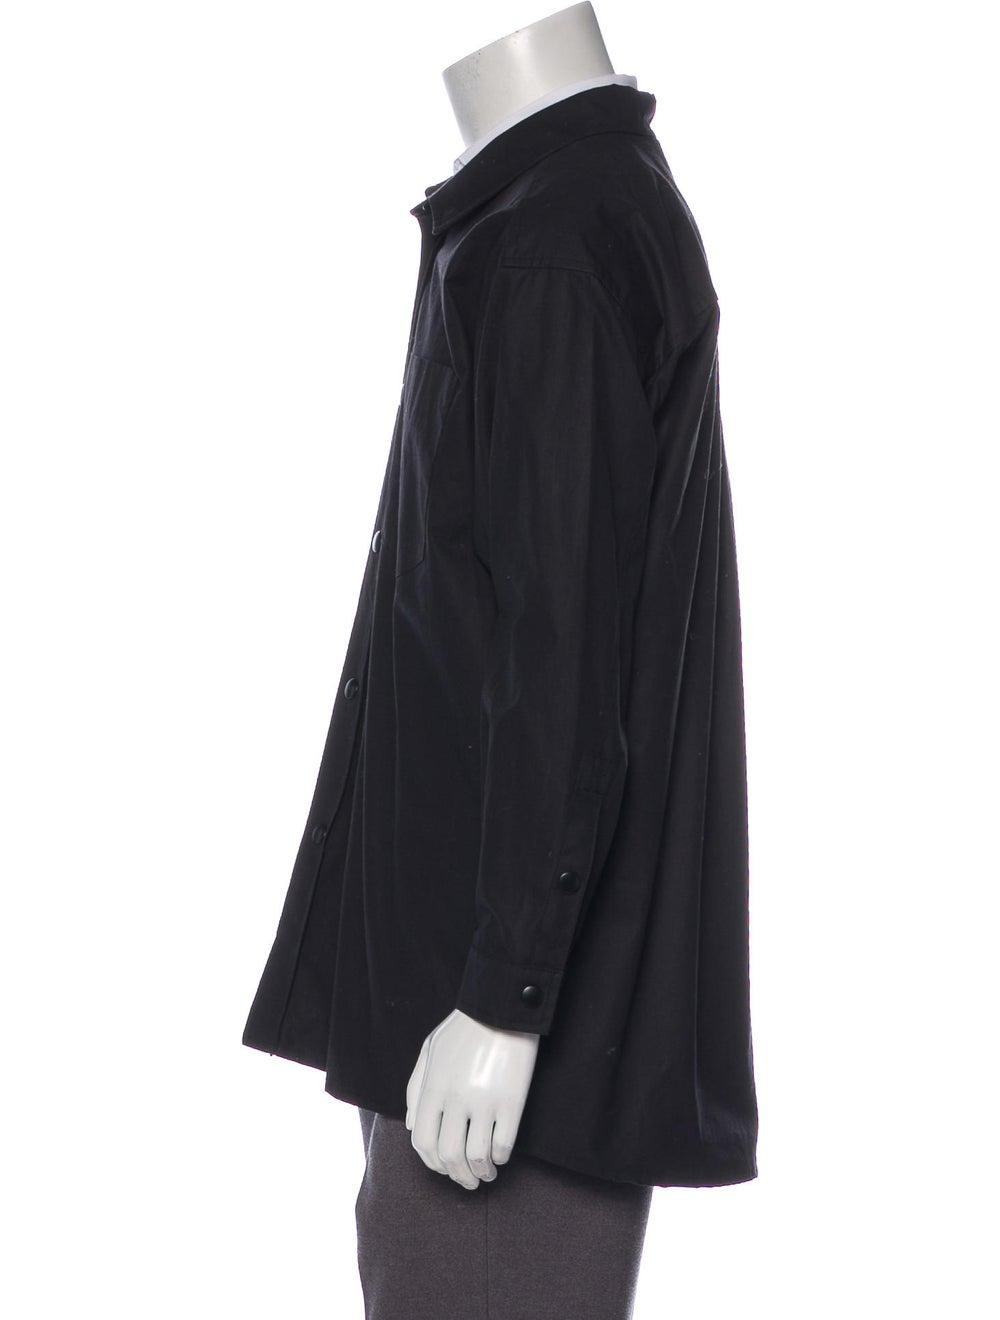 Stutterheim Coated Shirt Jacket - image 2